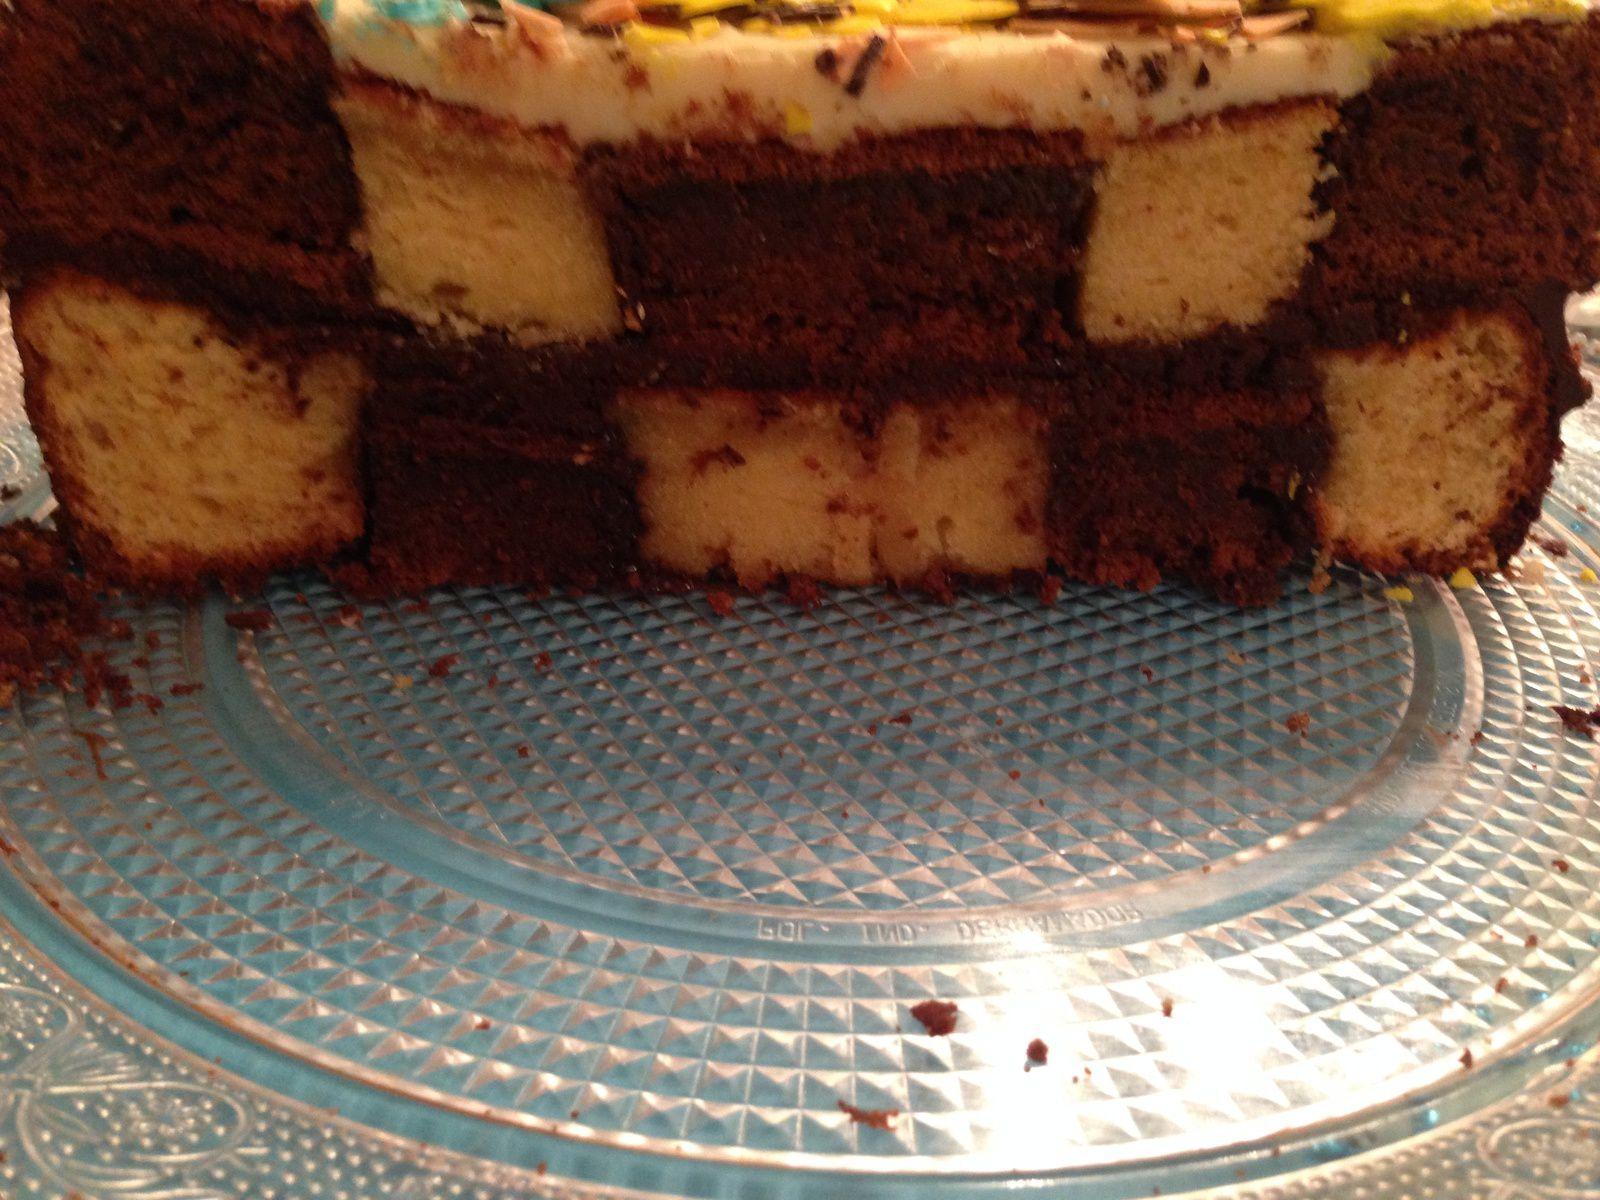 gateau damier cholat blanc chocolat noir